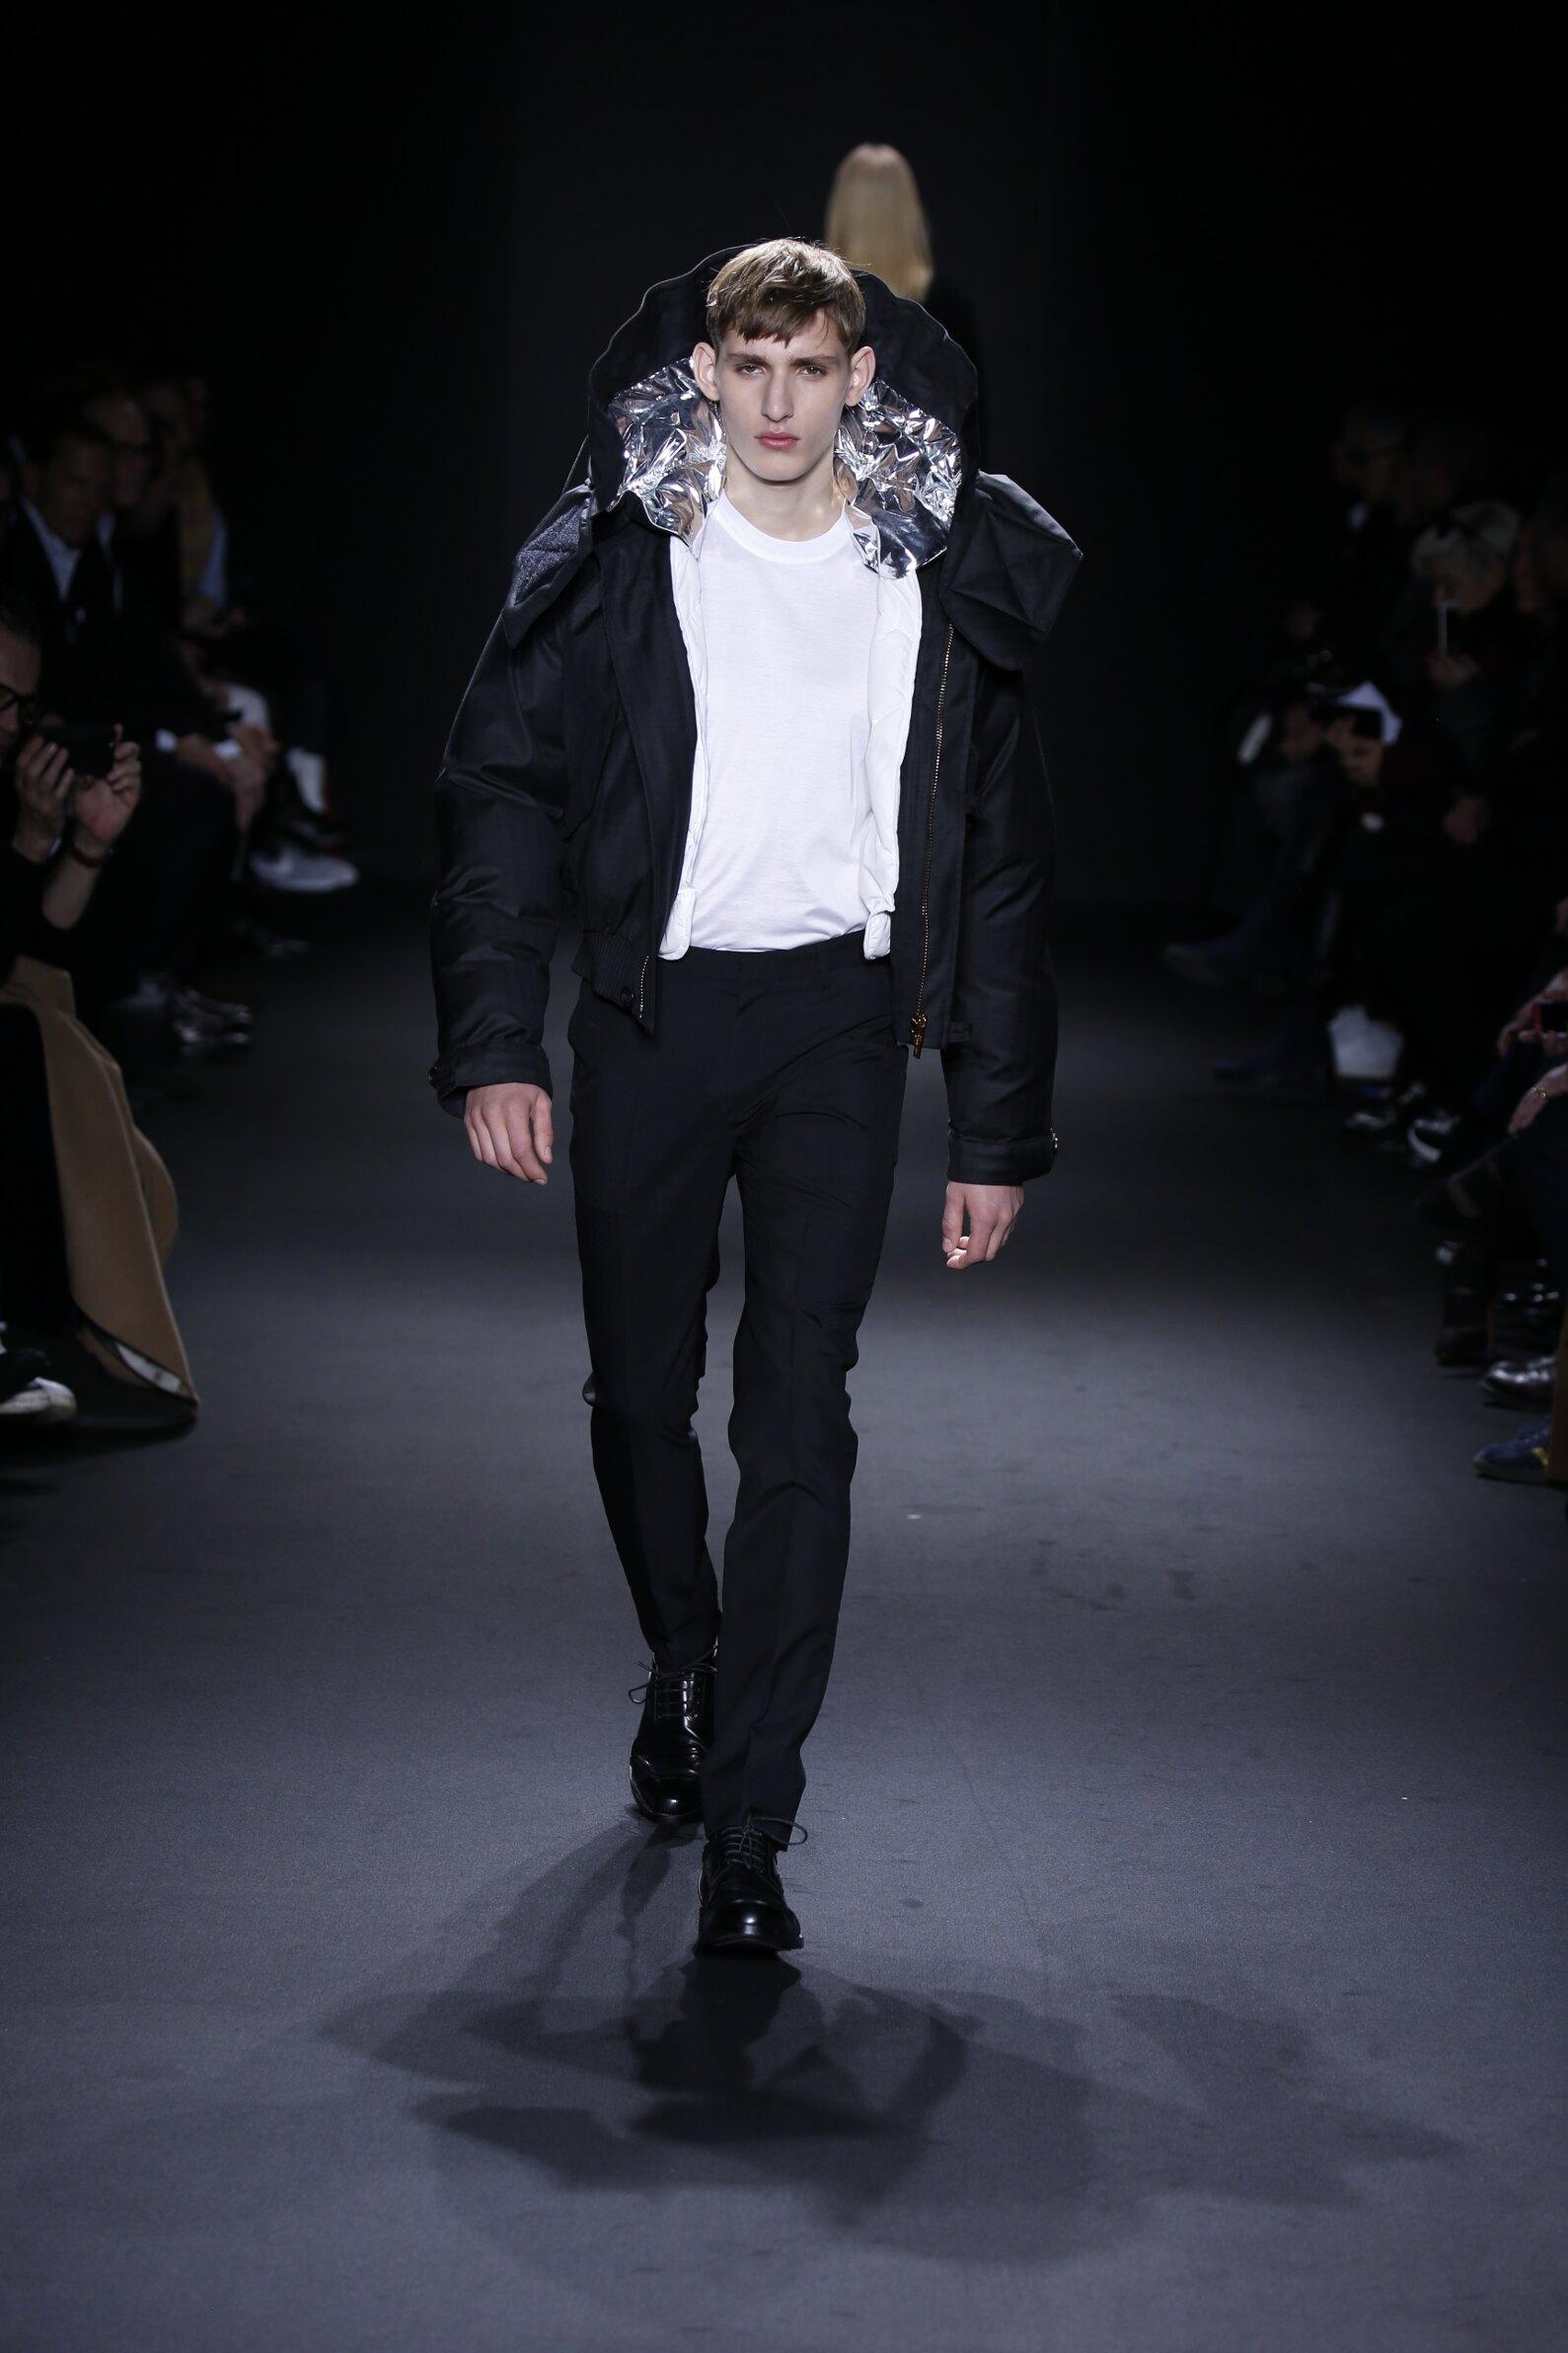 Calvin Klein Collection Winter 2016-2017 Catwalk